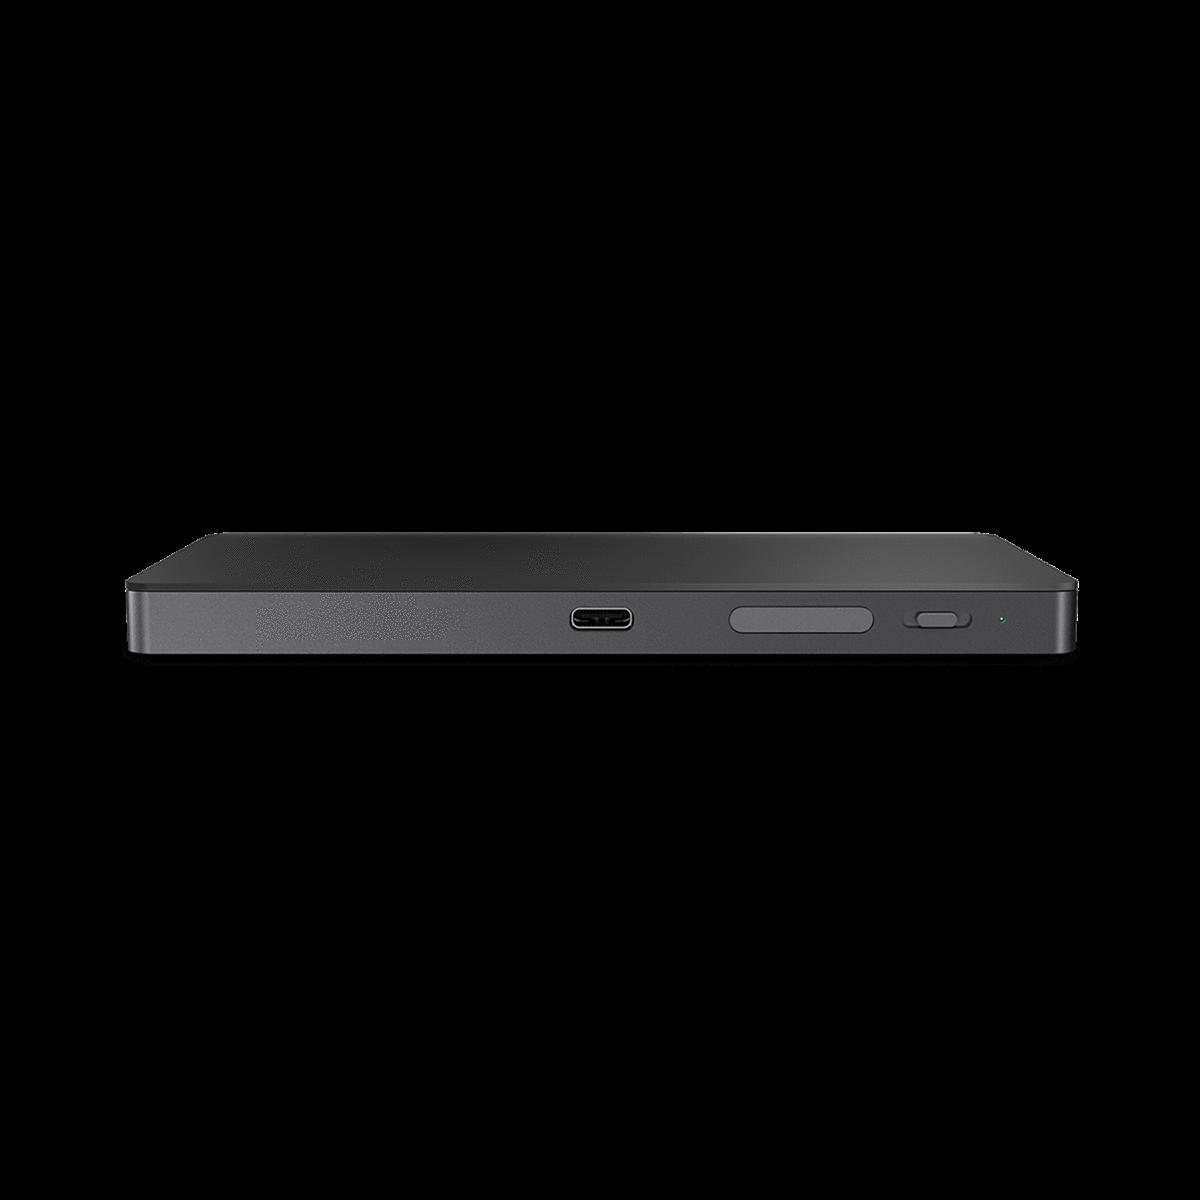 پورت شارژ USB-C و پورت آنتن در trackpad iTrack